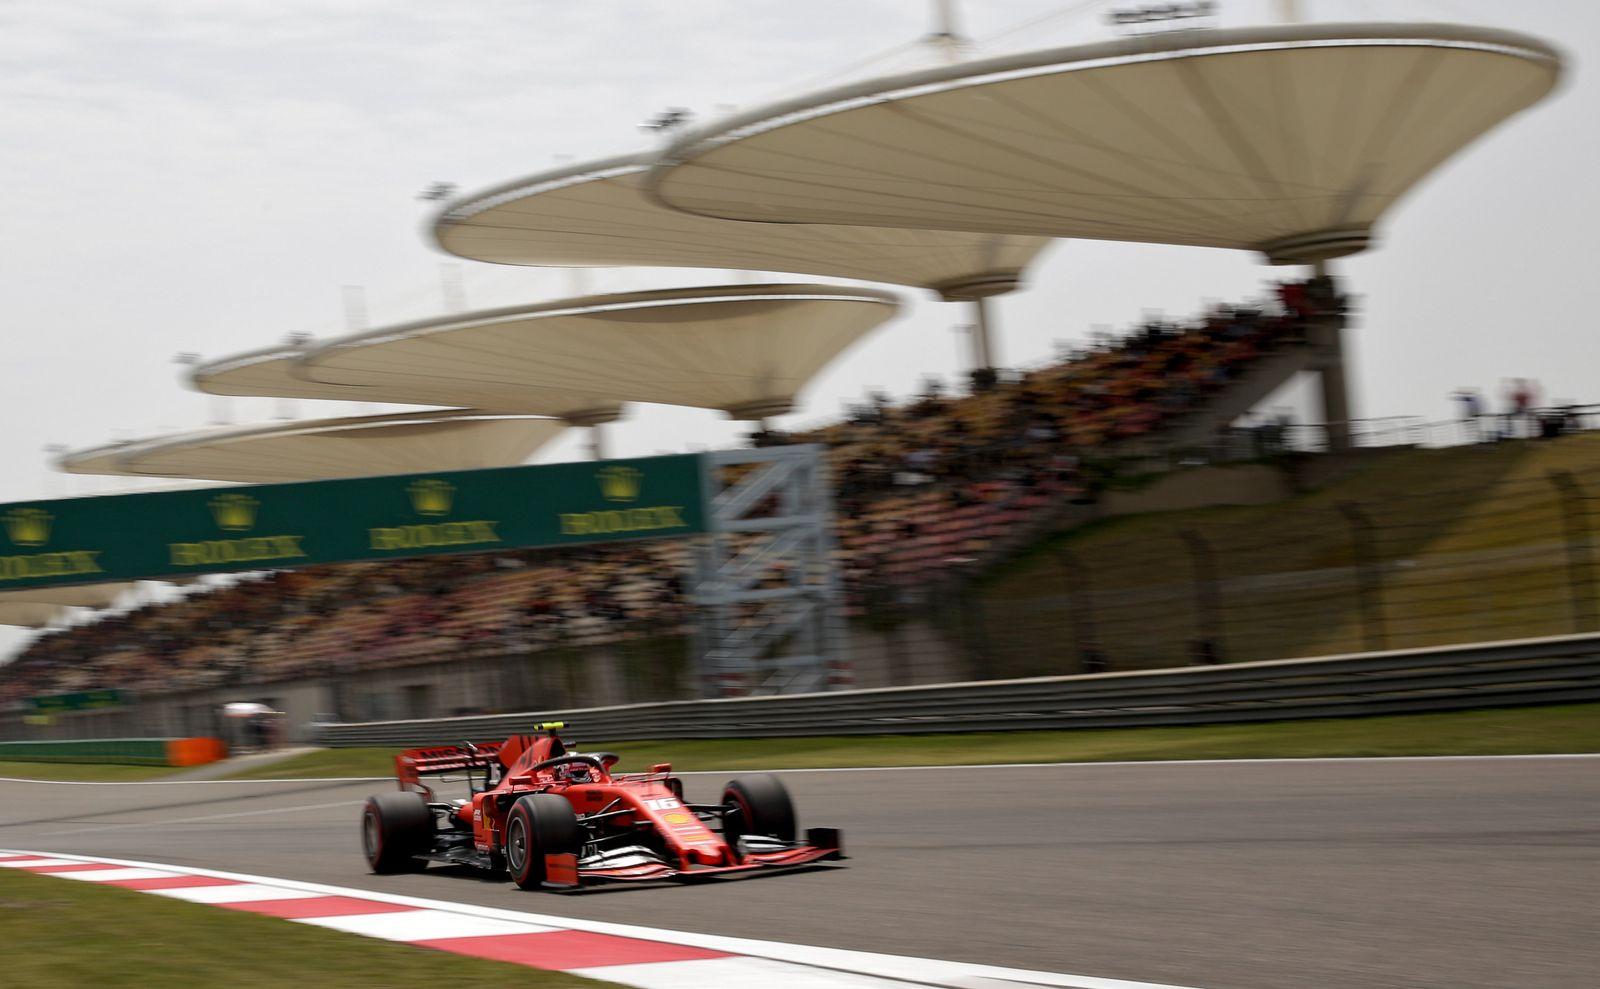 Formel-1-Rennen in China könnte ans Jahresende verlegt werden